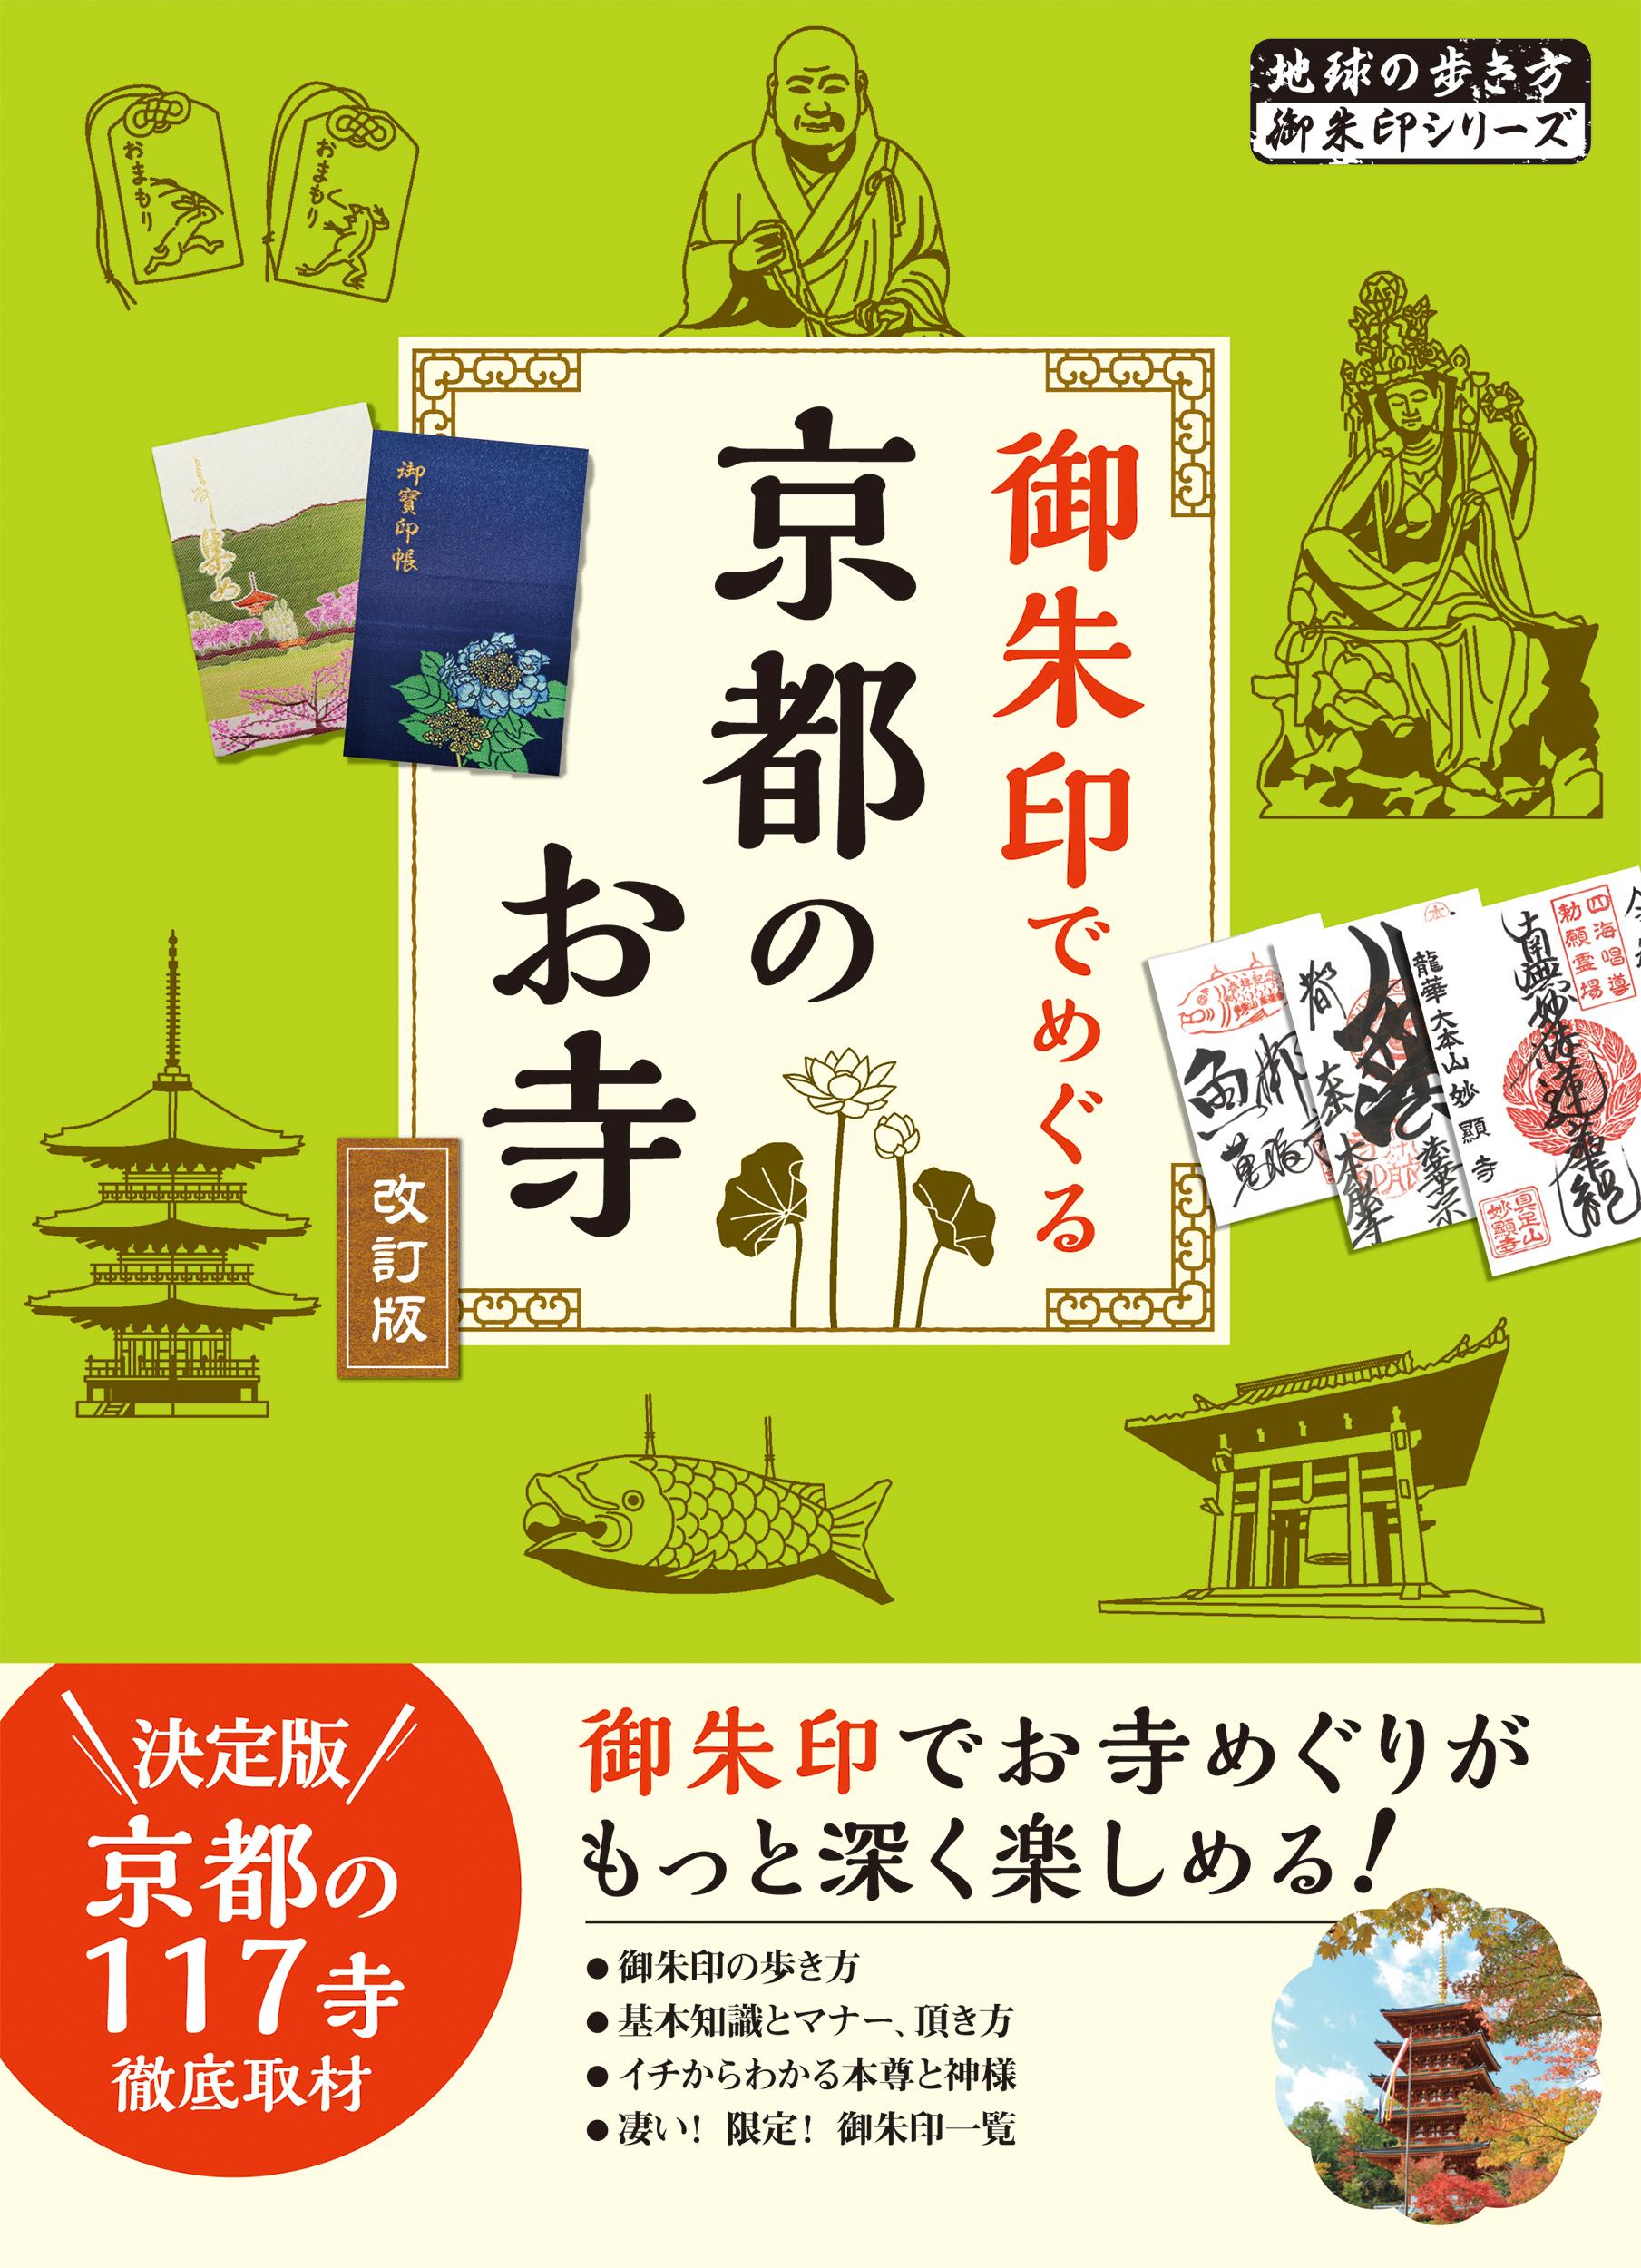 地球の歩き方 御朱印シリーズ2『御朱印でめぐる京都のお寺 改訂版』書影